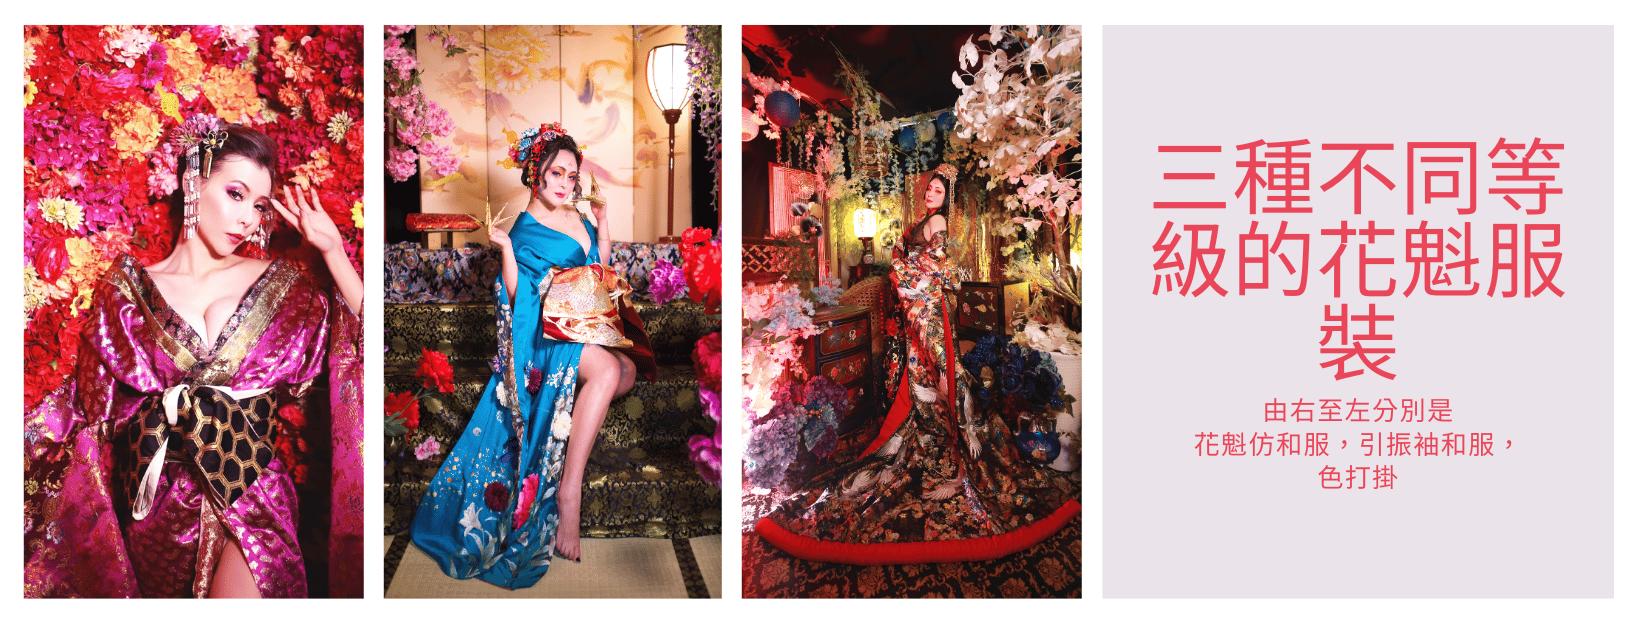 i玩藝 攝影棚 花魁服裝 和服 花魁仿和服 色打掛 引振袖和服